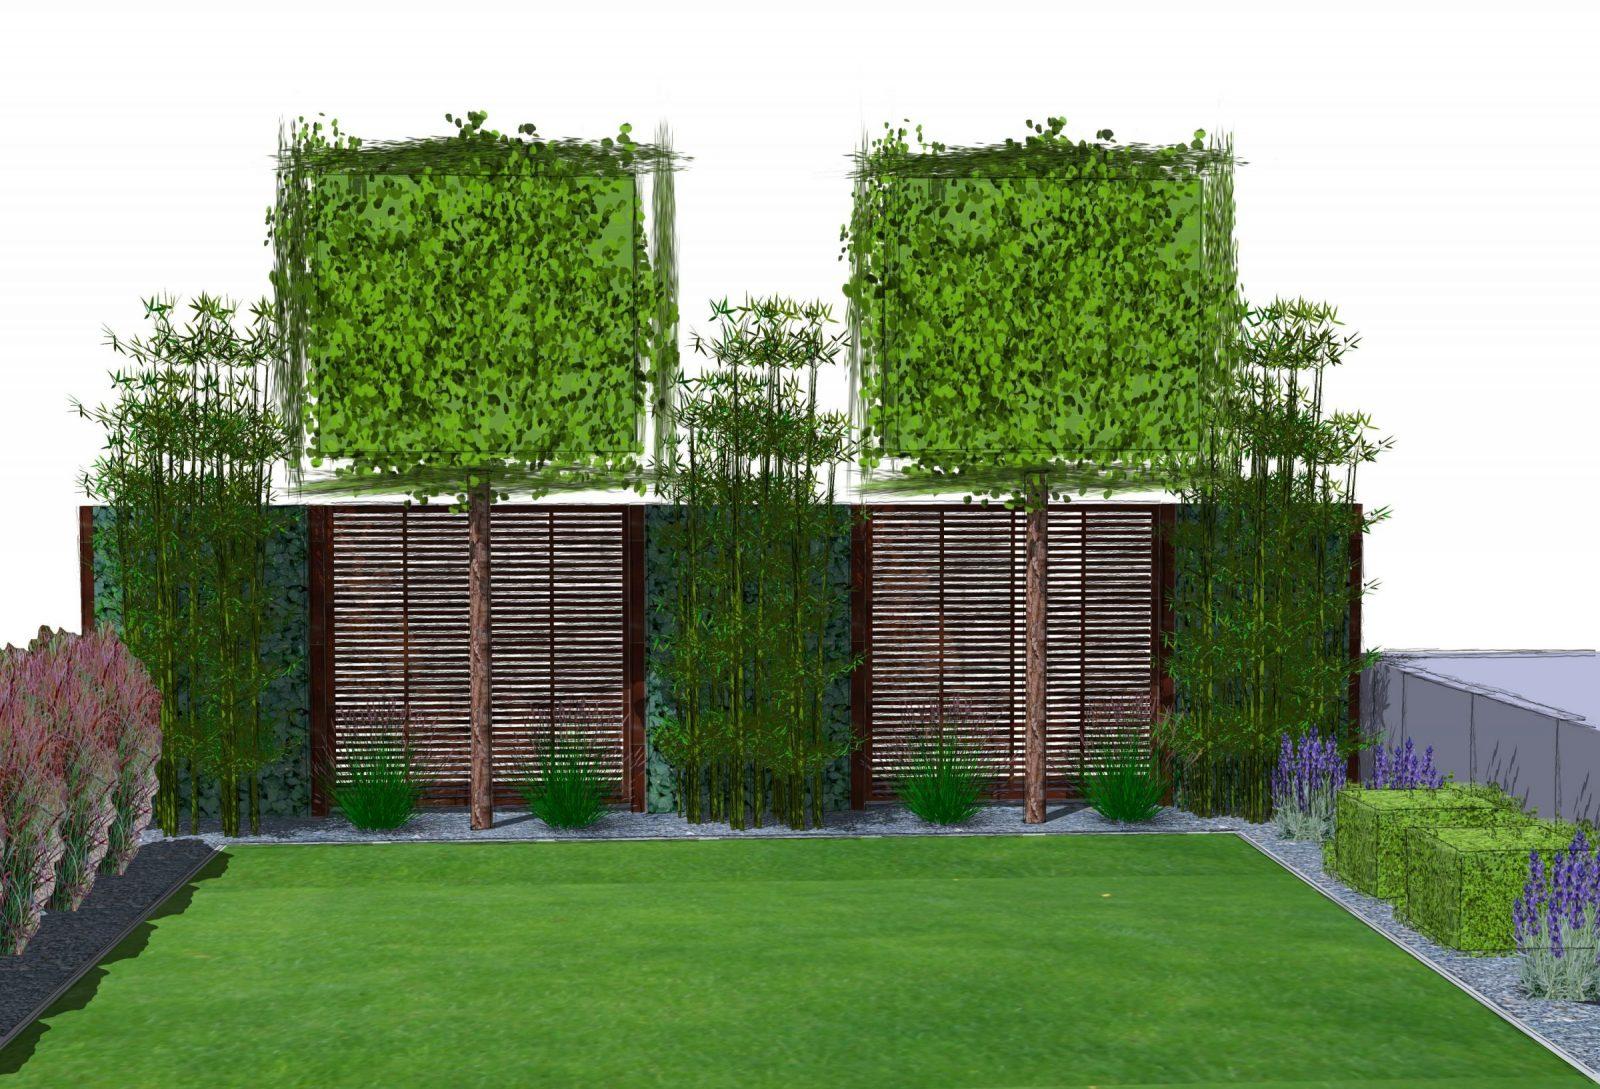 Moderner Sichtschutz Im Garten  News Informationen Und Praxistipps von Moderner Sichtschutz Im Garten Bild